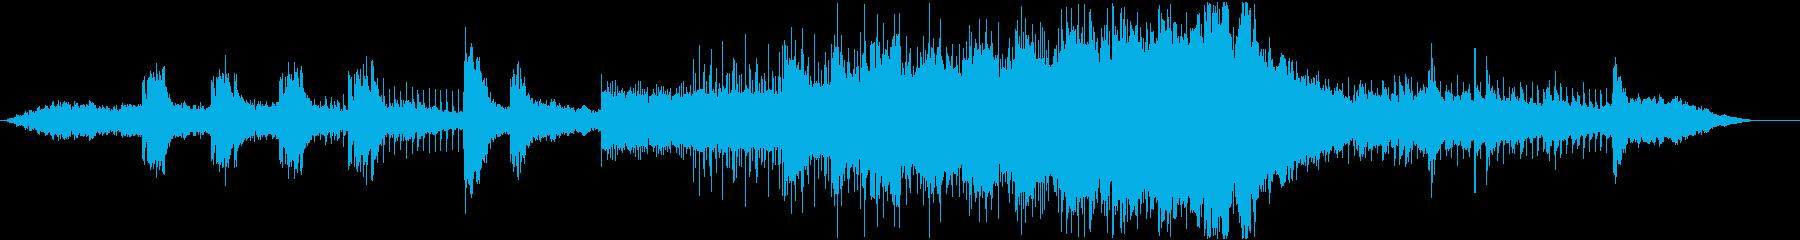 スパイ映画のような音楽の再生済みの波形